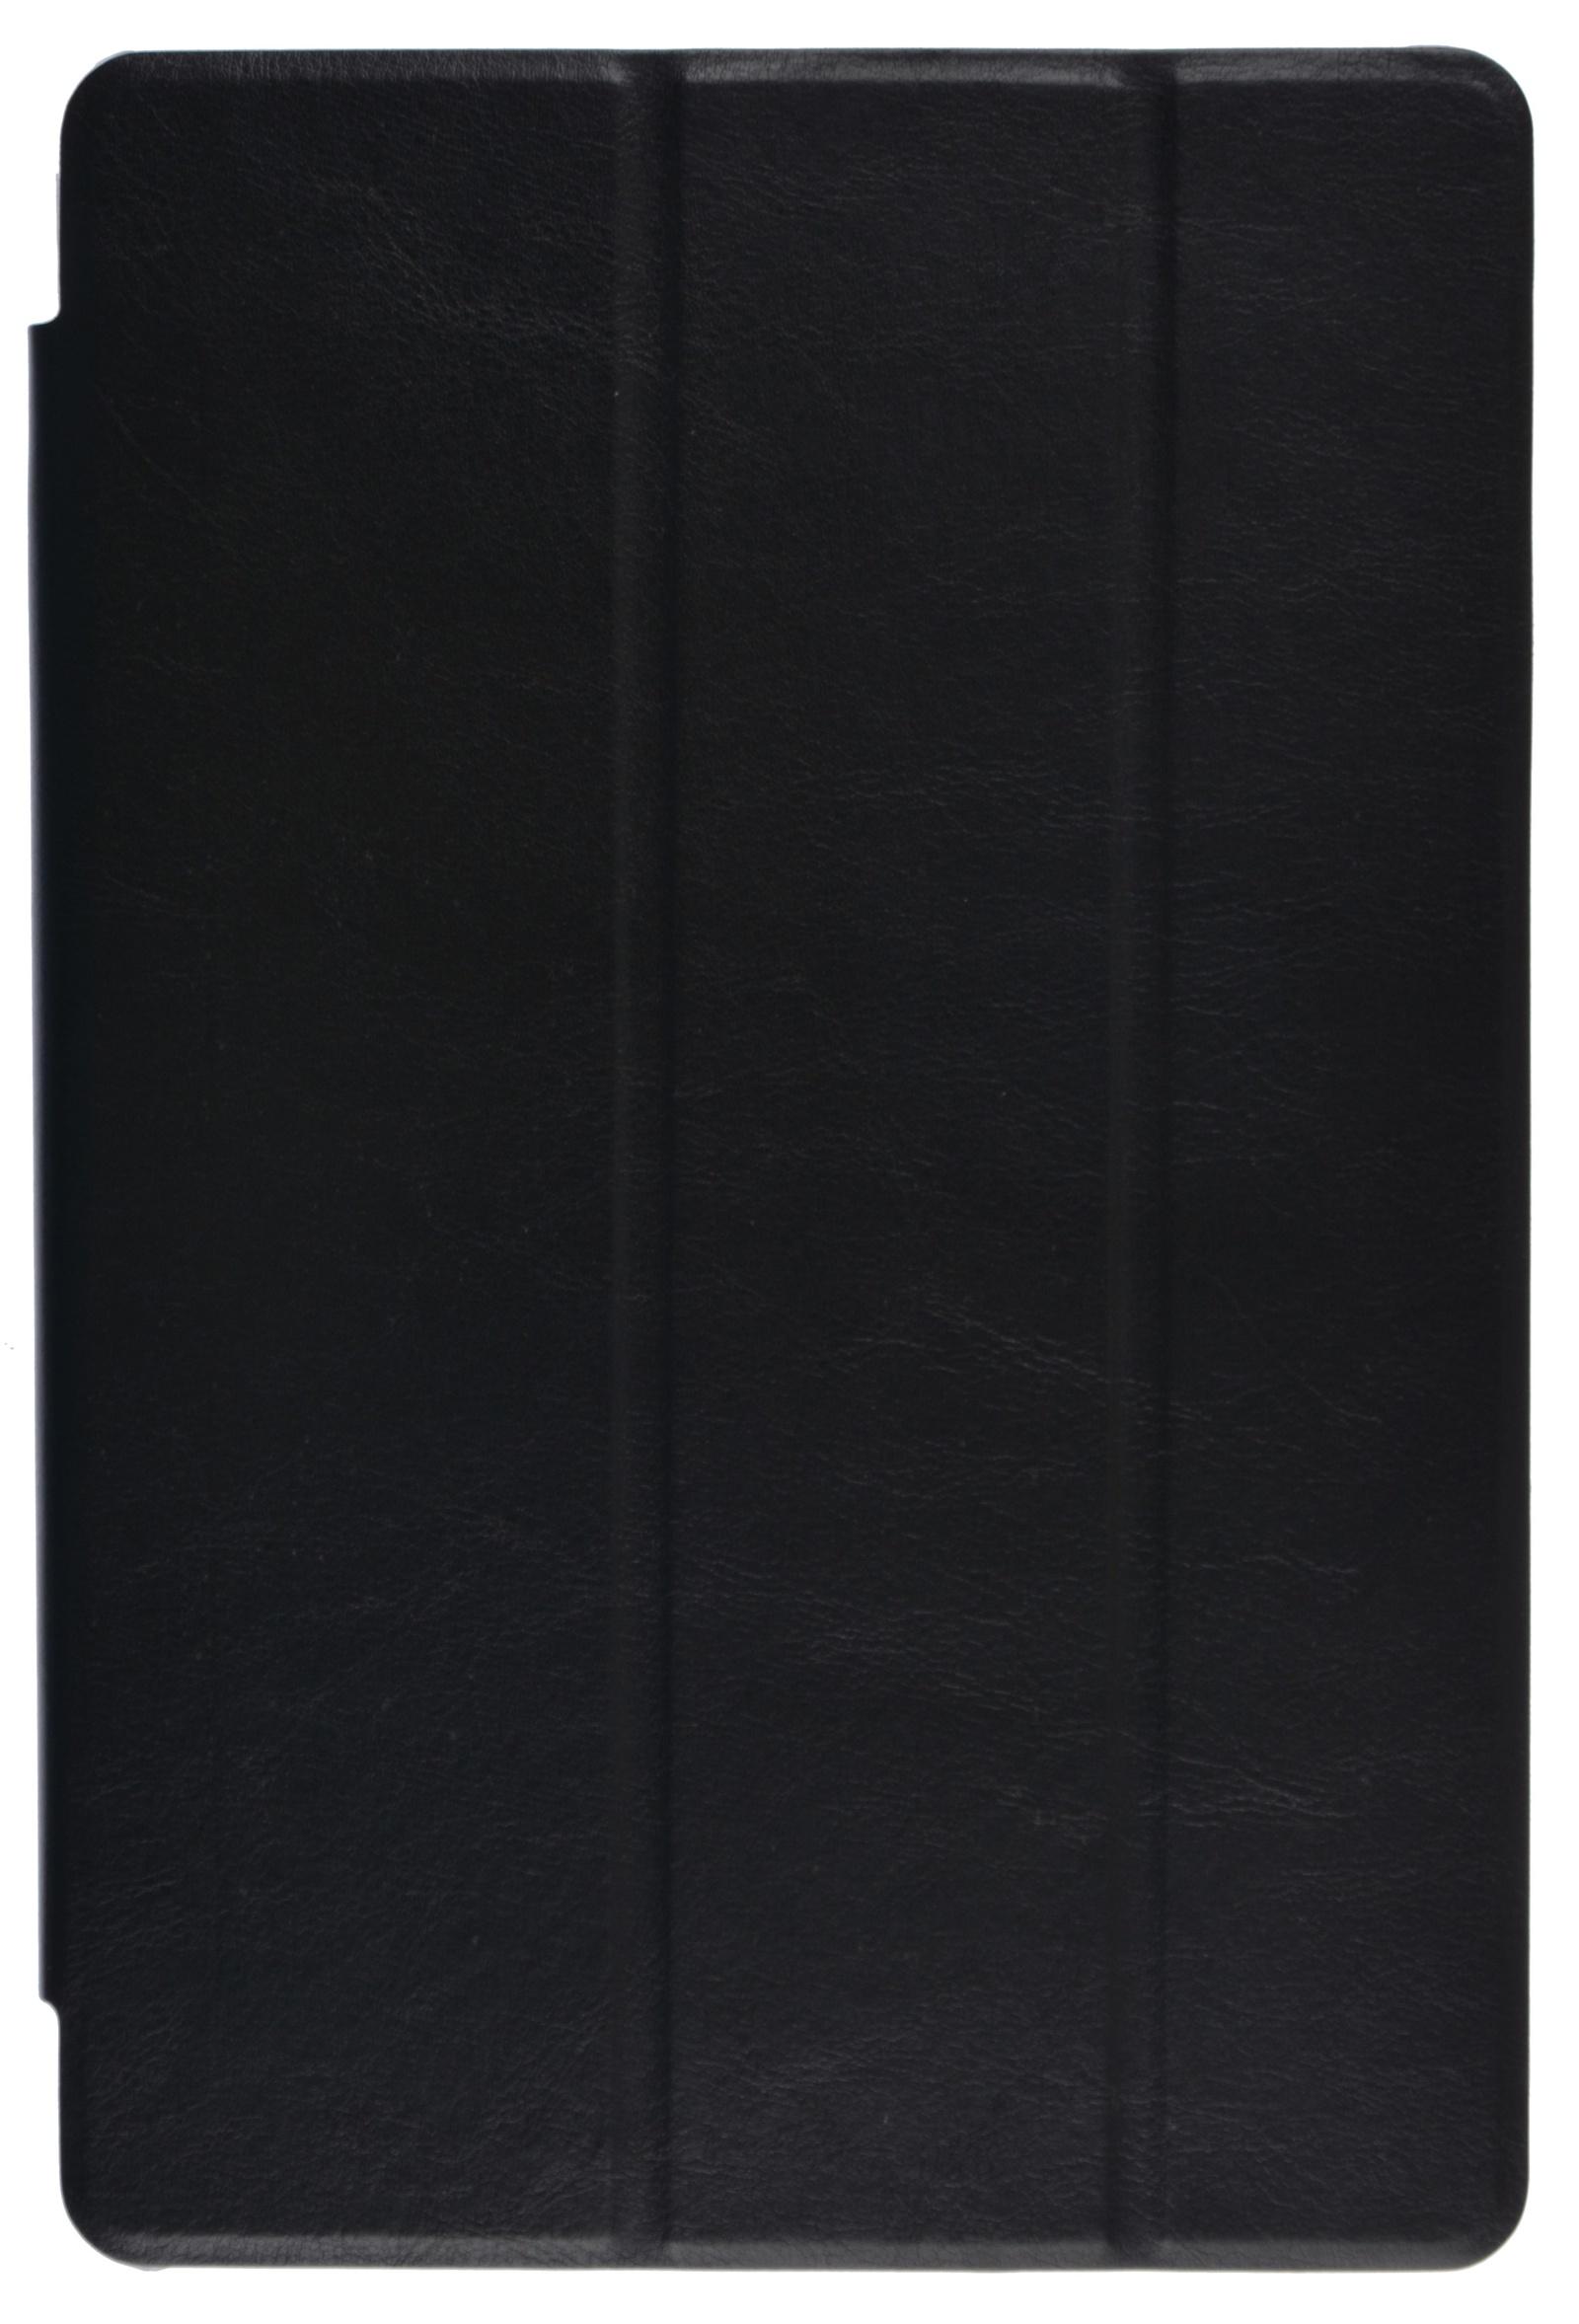 Чехол ProShield Slim Case для Samsung Galaxy Tab S4 10.5 SM-T835 все цены